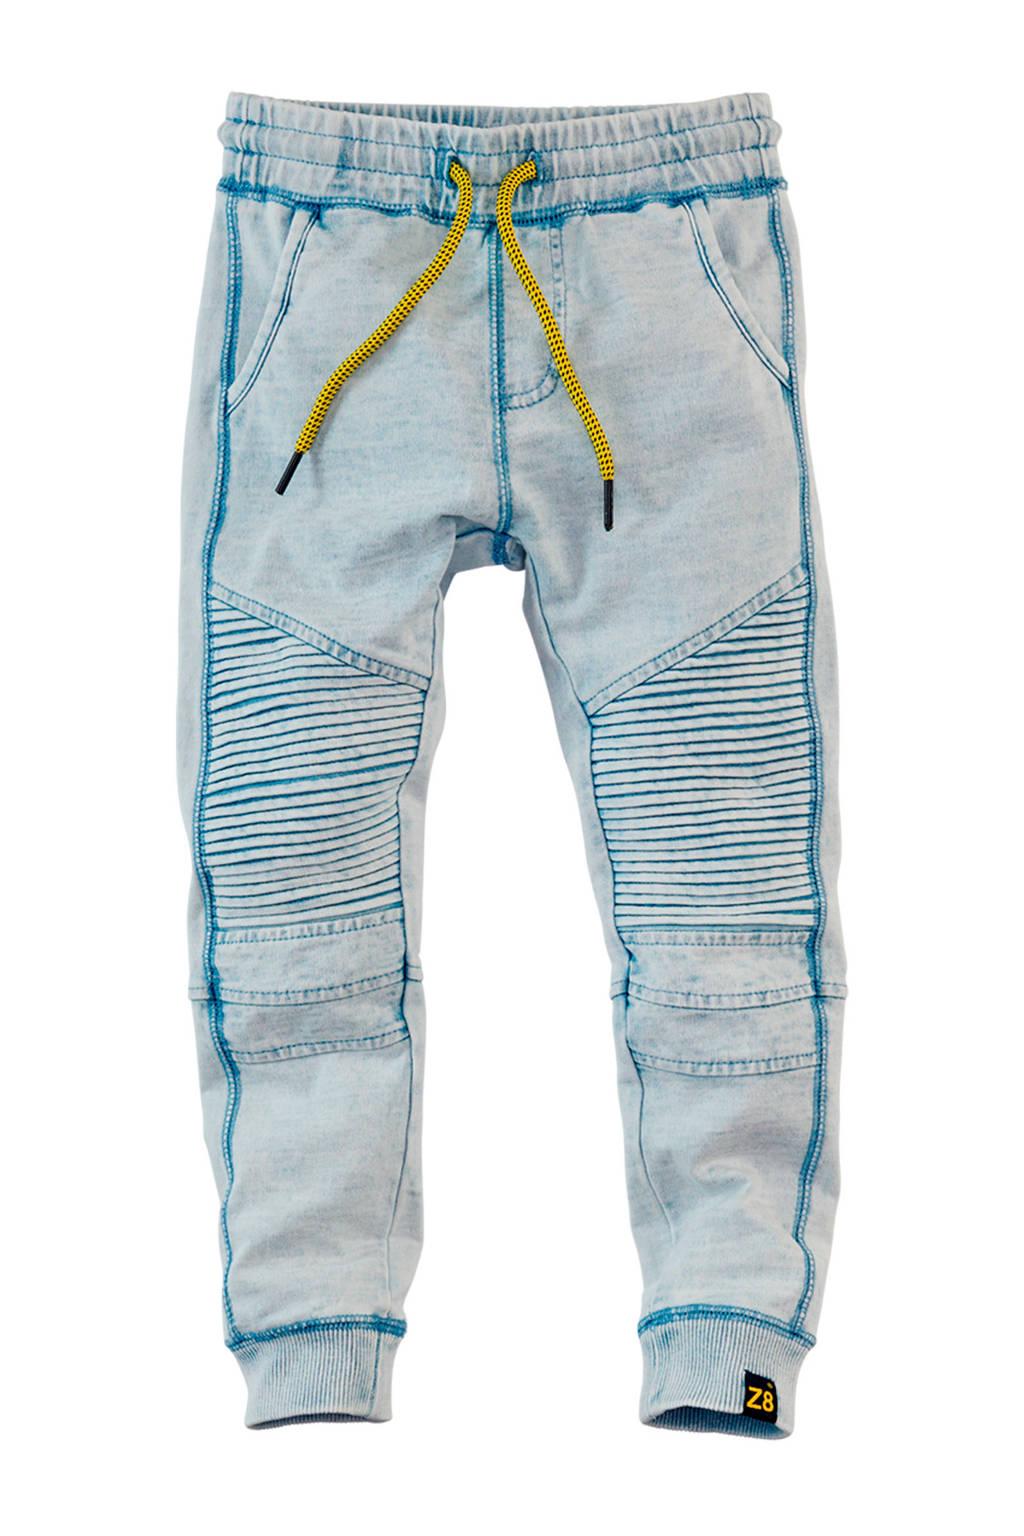 Z8   joggingbroek Dean met textuur blauw, Blauw